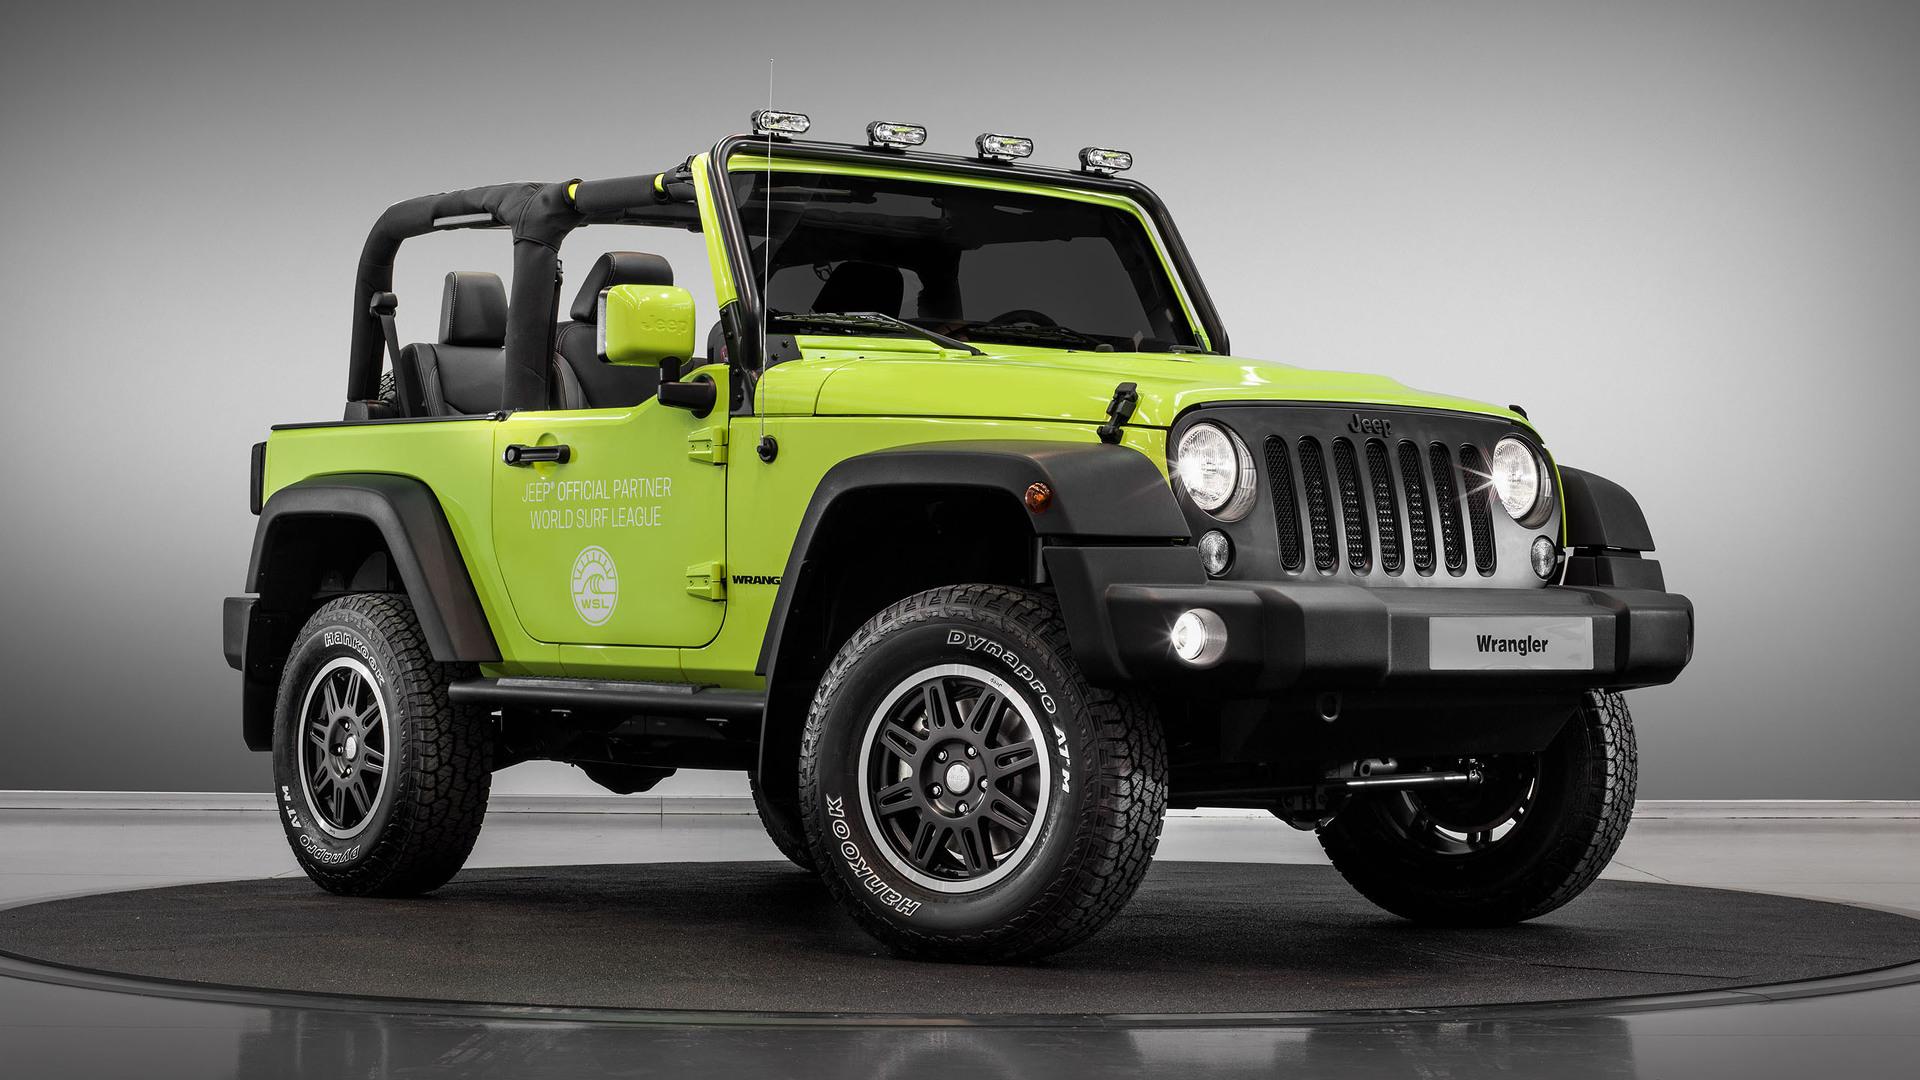 Jeep Wrangler Rubicon And Renegade Receive Mopar